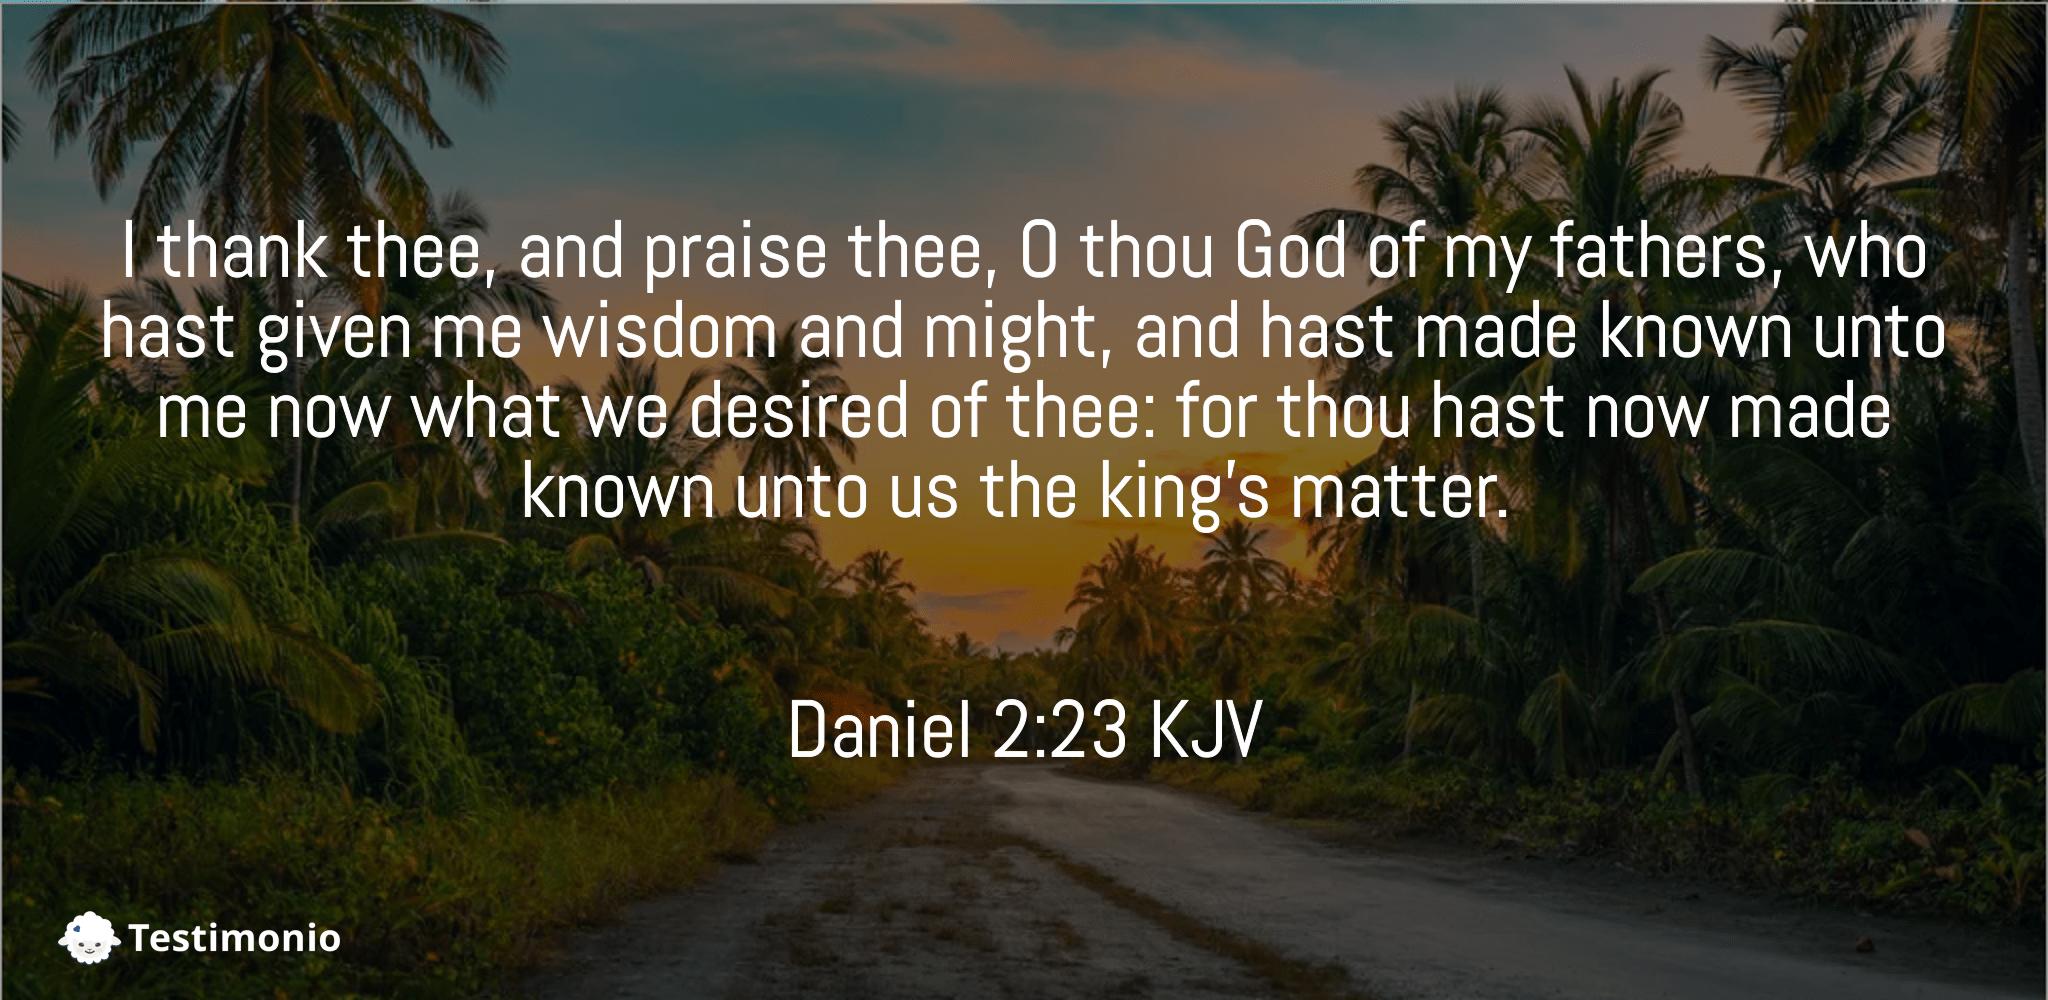 Daniel 2:23